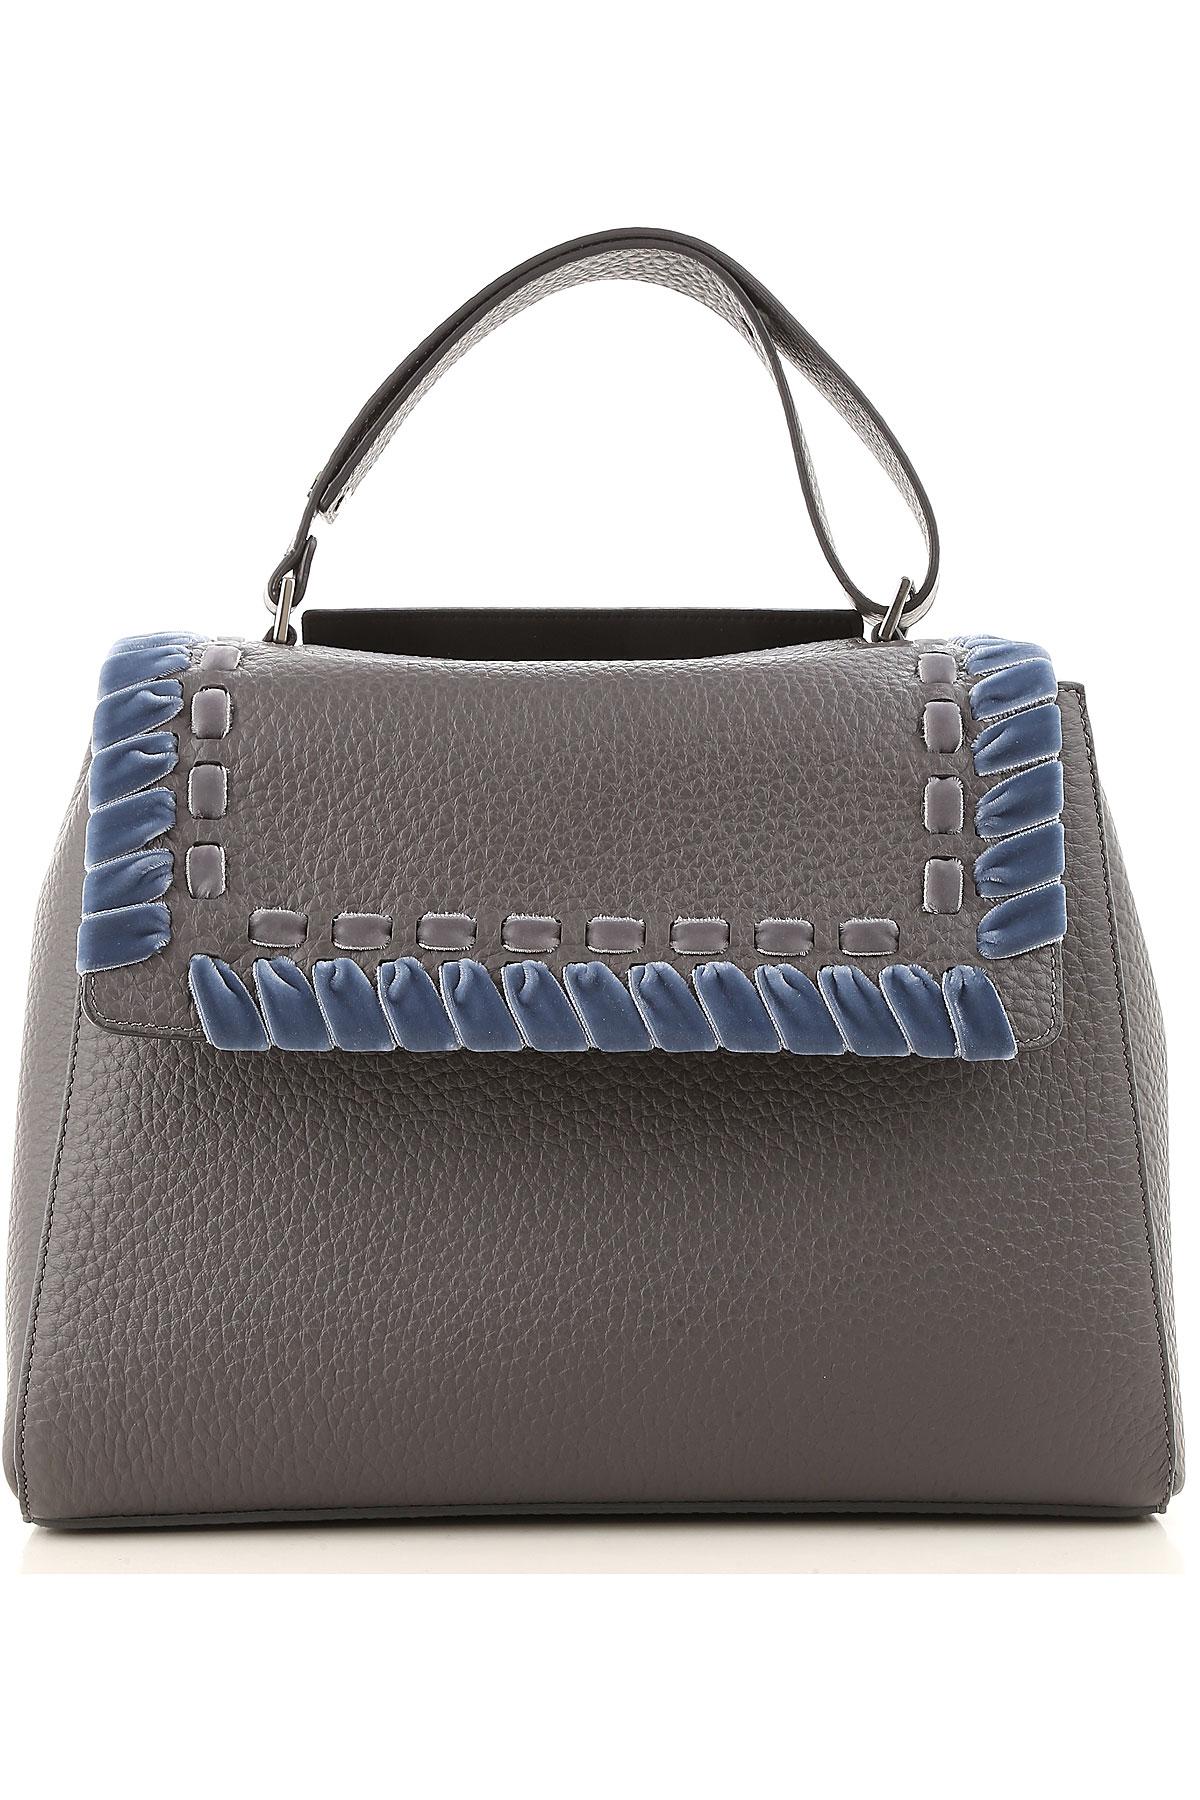 Image of Orciani Shoulder Bag for Women, Asphalt Grey, Leather, 2017